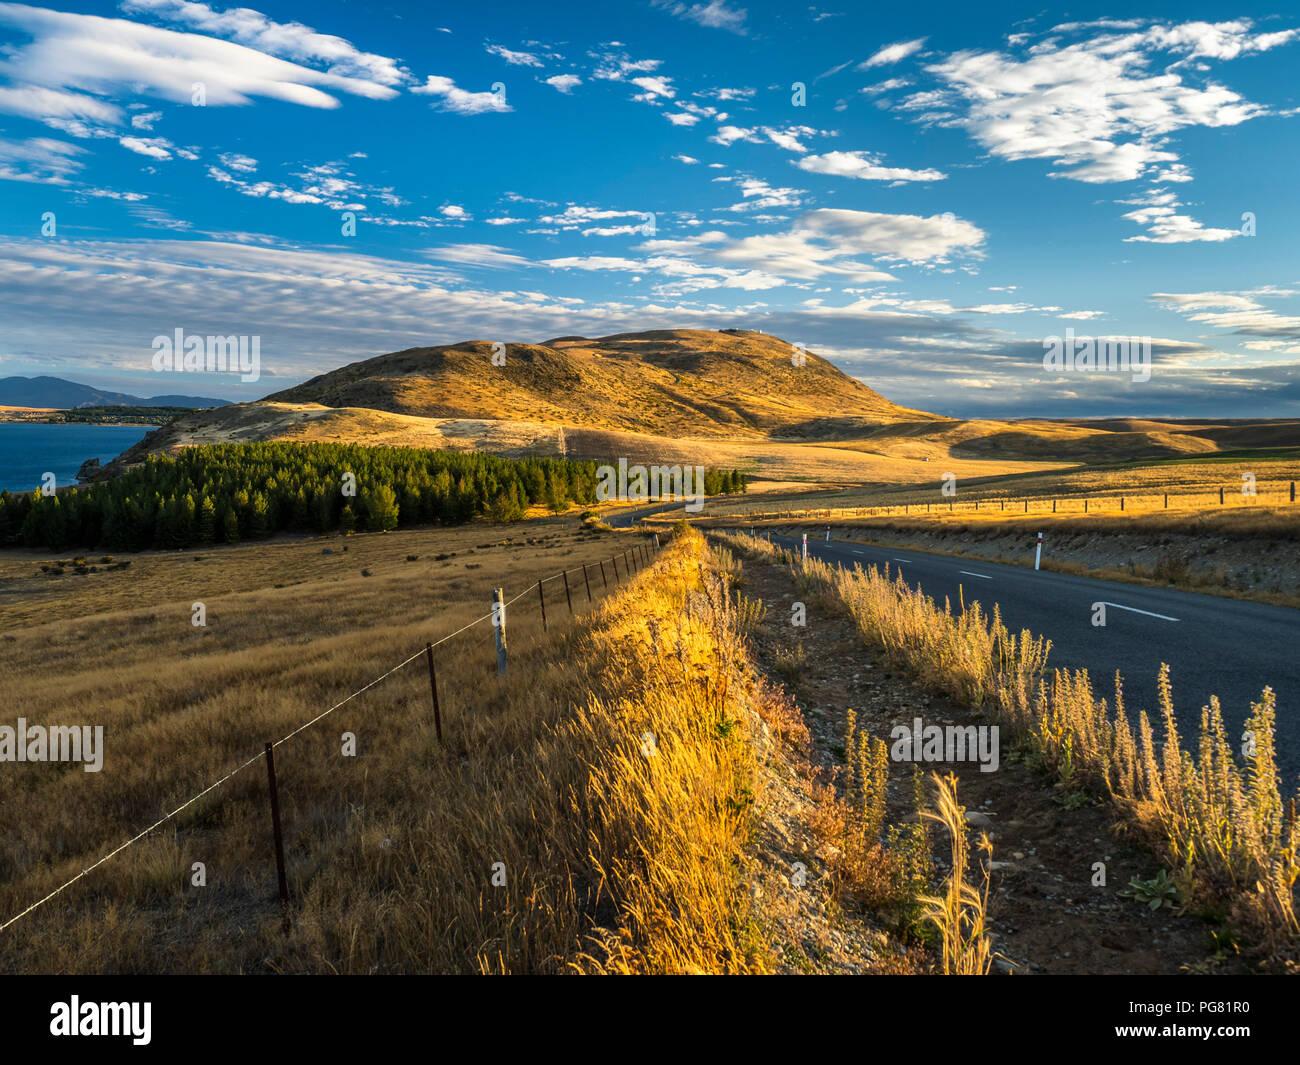 New Zealand, South Island, Canterbury Region, sunset near Lake Tekapo - Stock Image